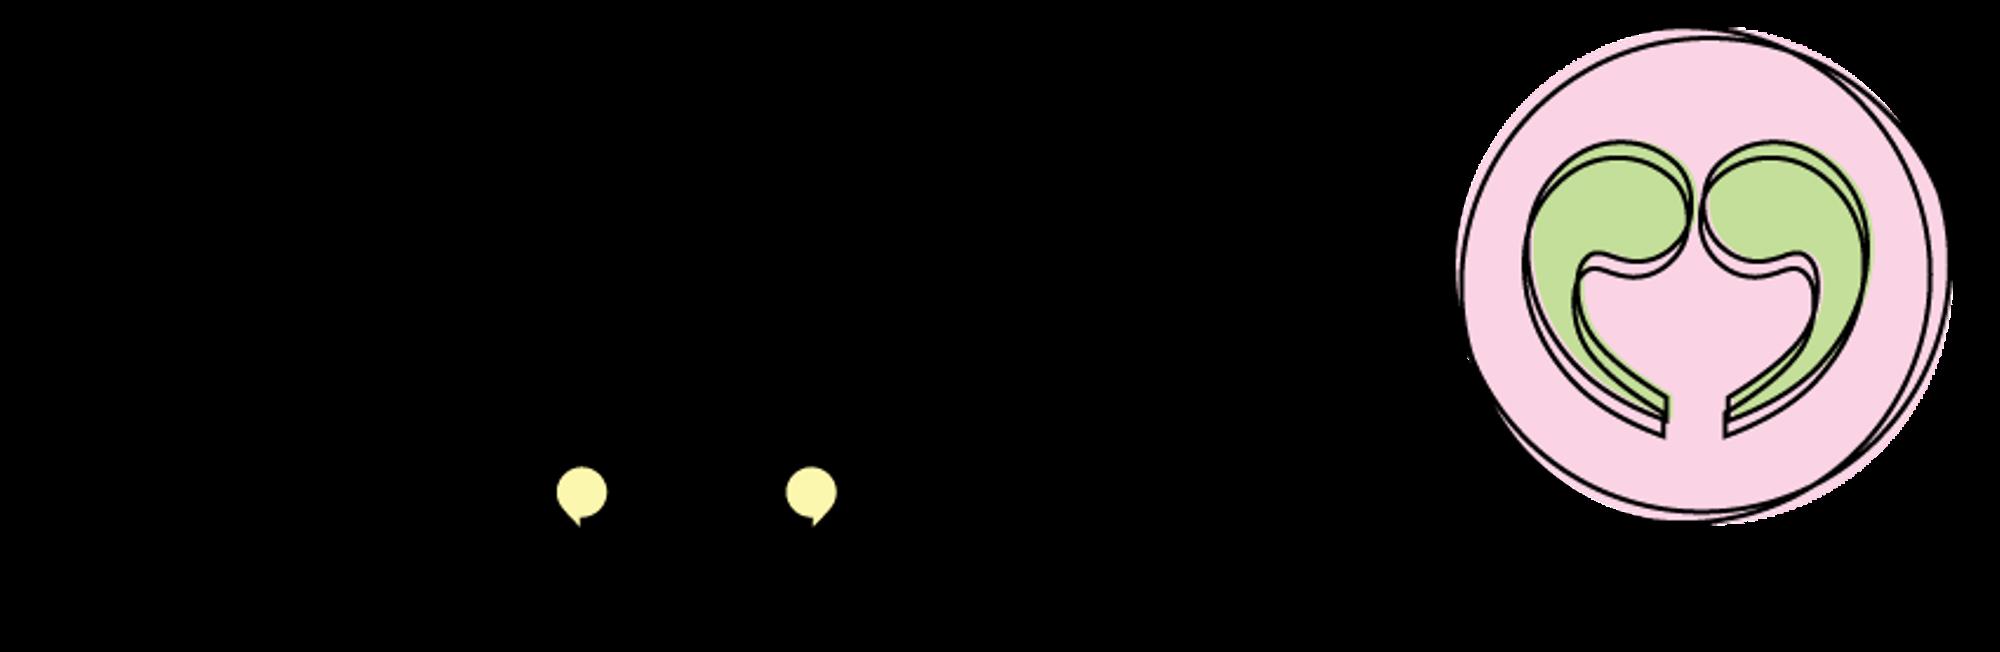 נועה לוגו